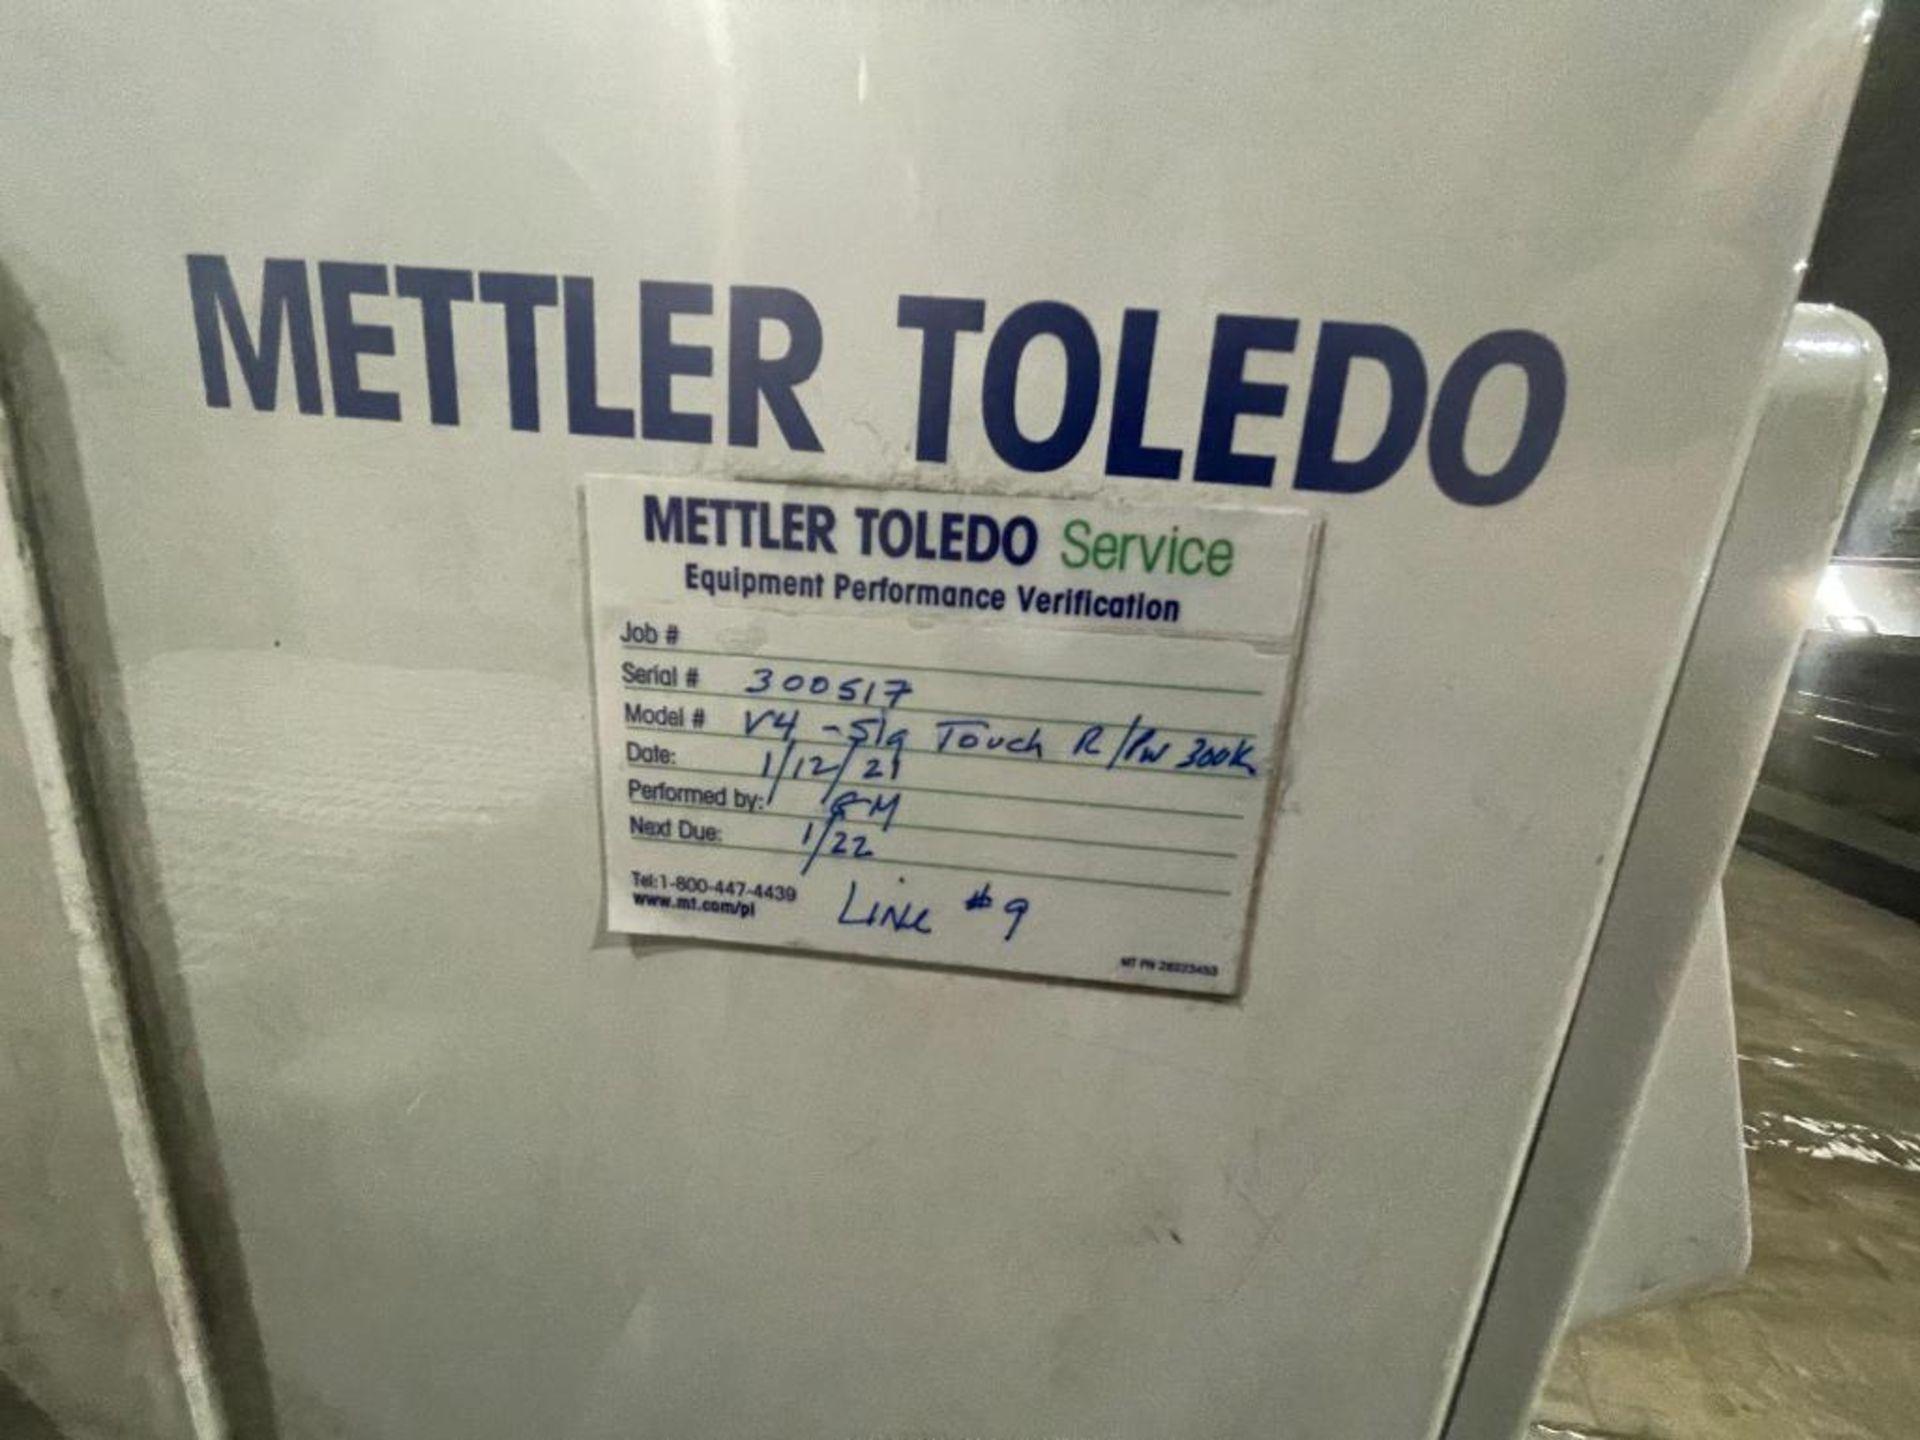 2016 Mettler Toledo metal detector, model SL1500 - Image 3 of 12